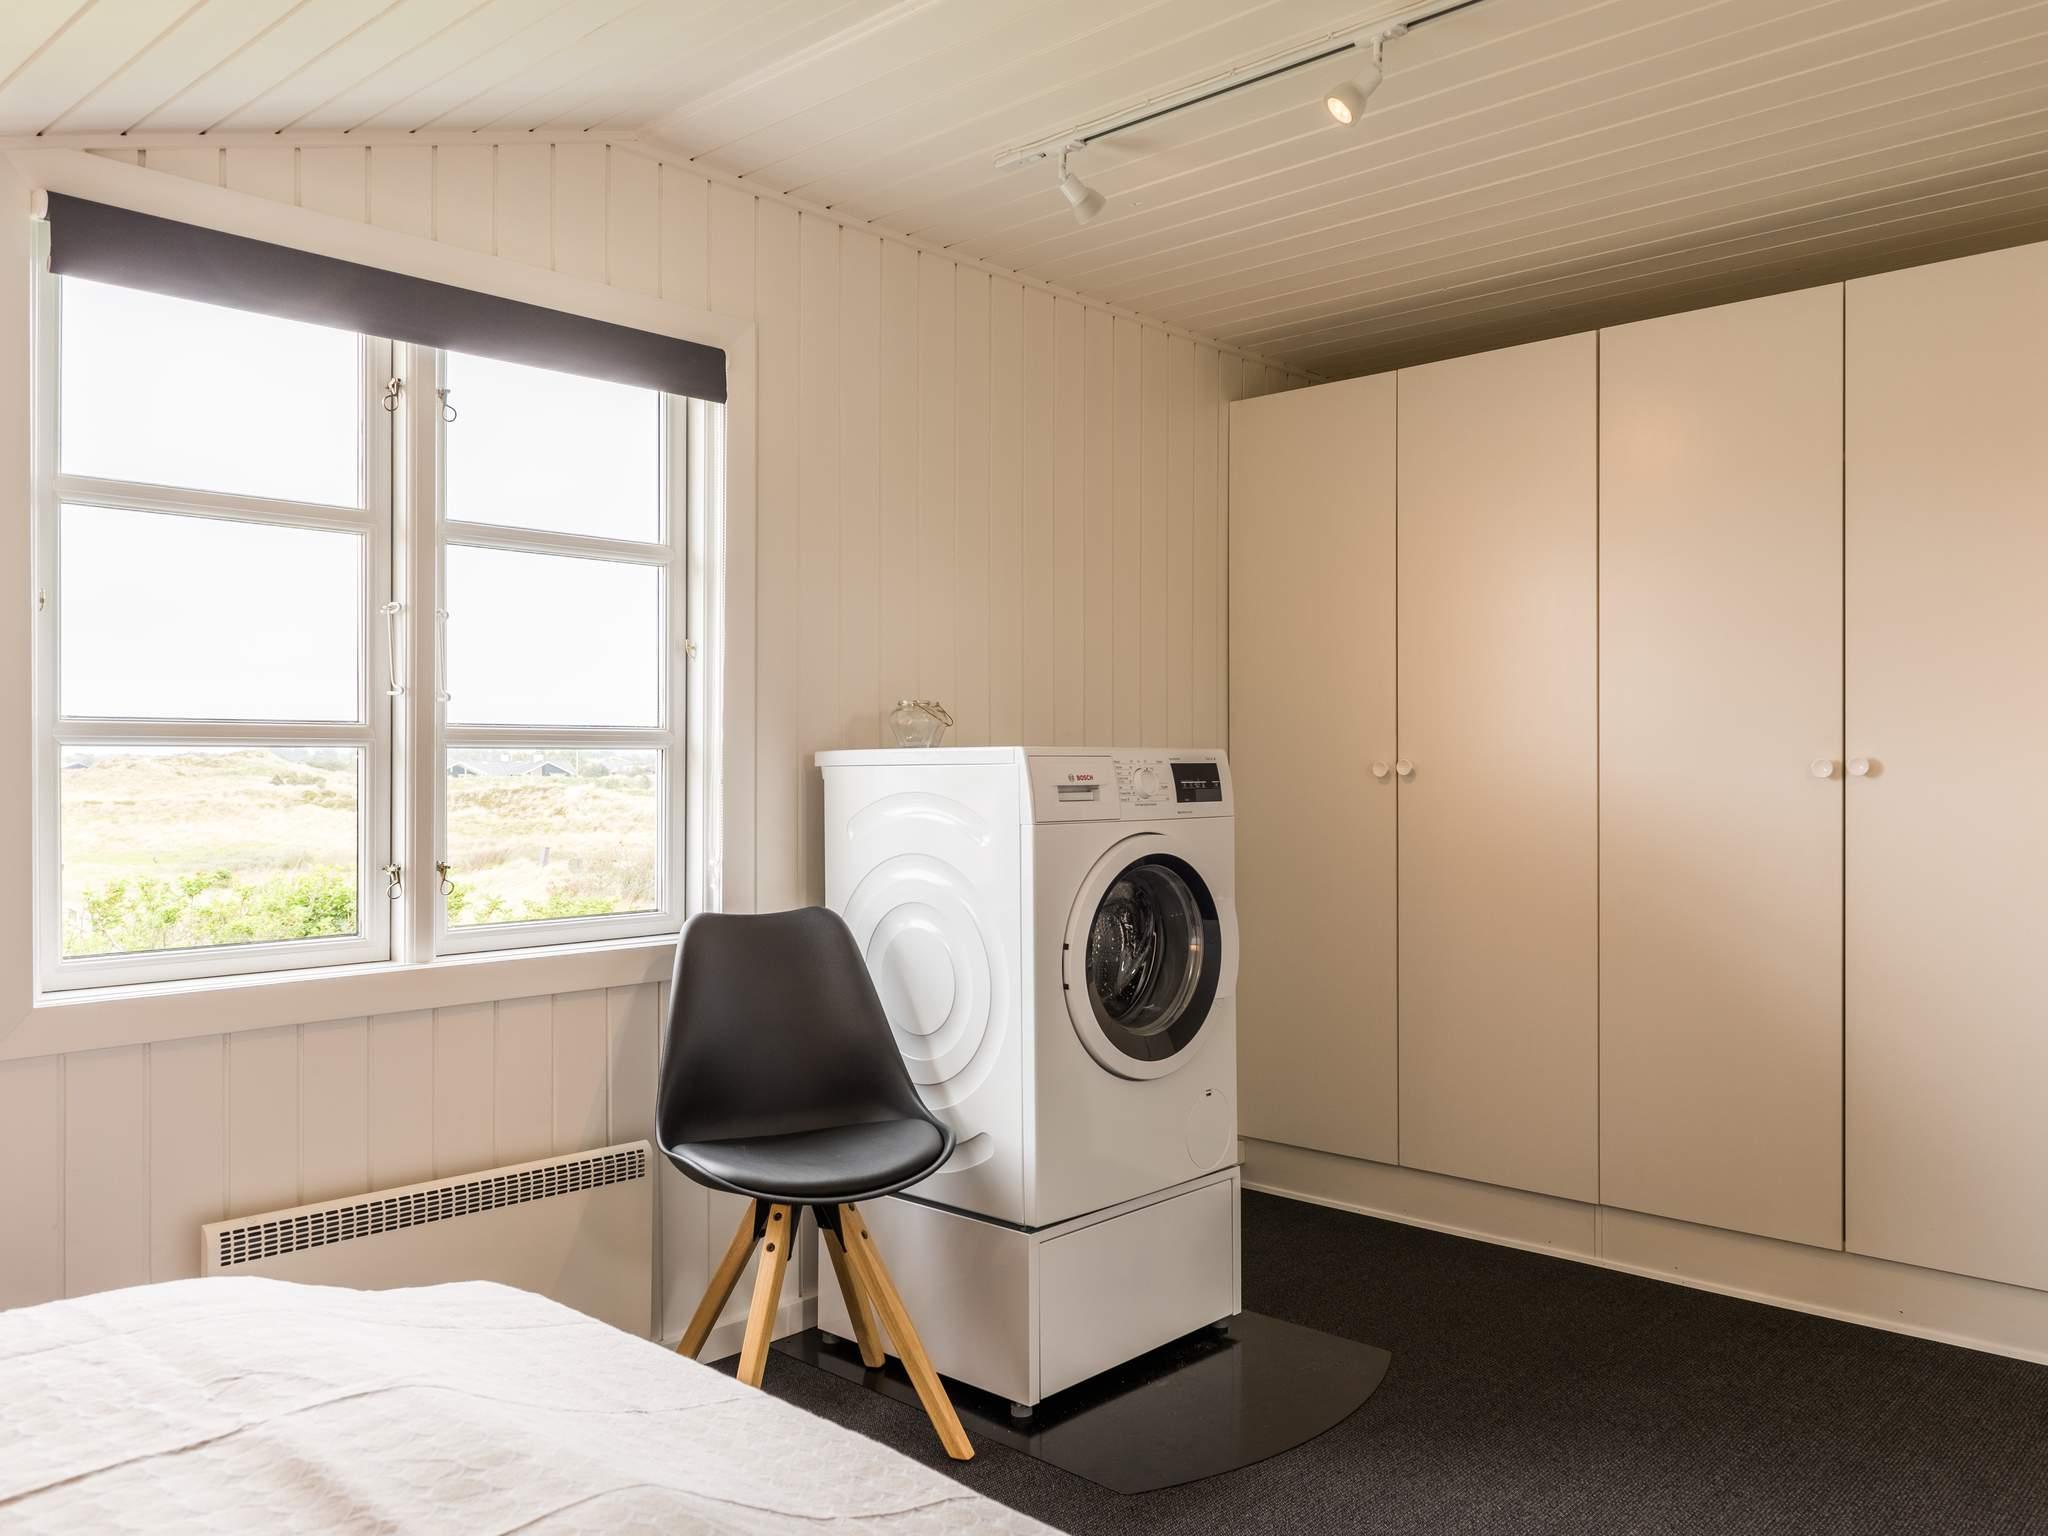 Ferienhaus Grærup (2749653), Grærup, , Westjütland, Dänemark, Bild 13